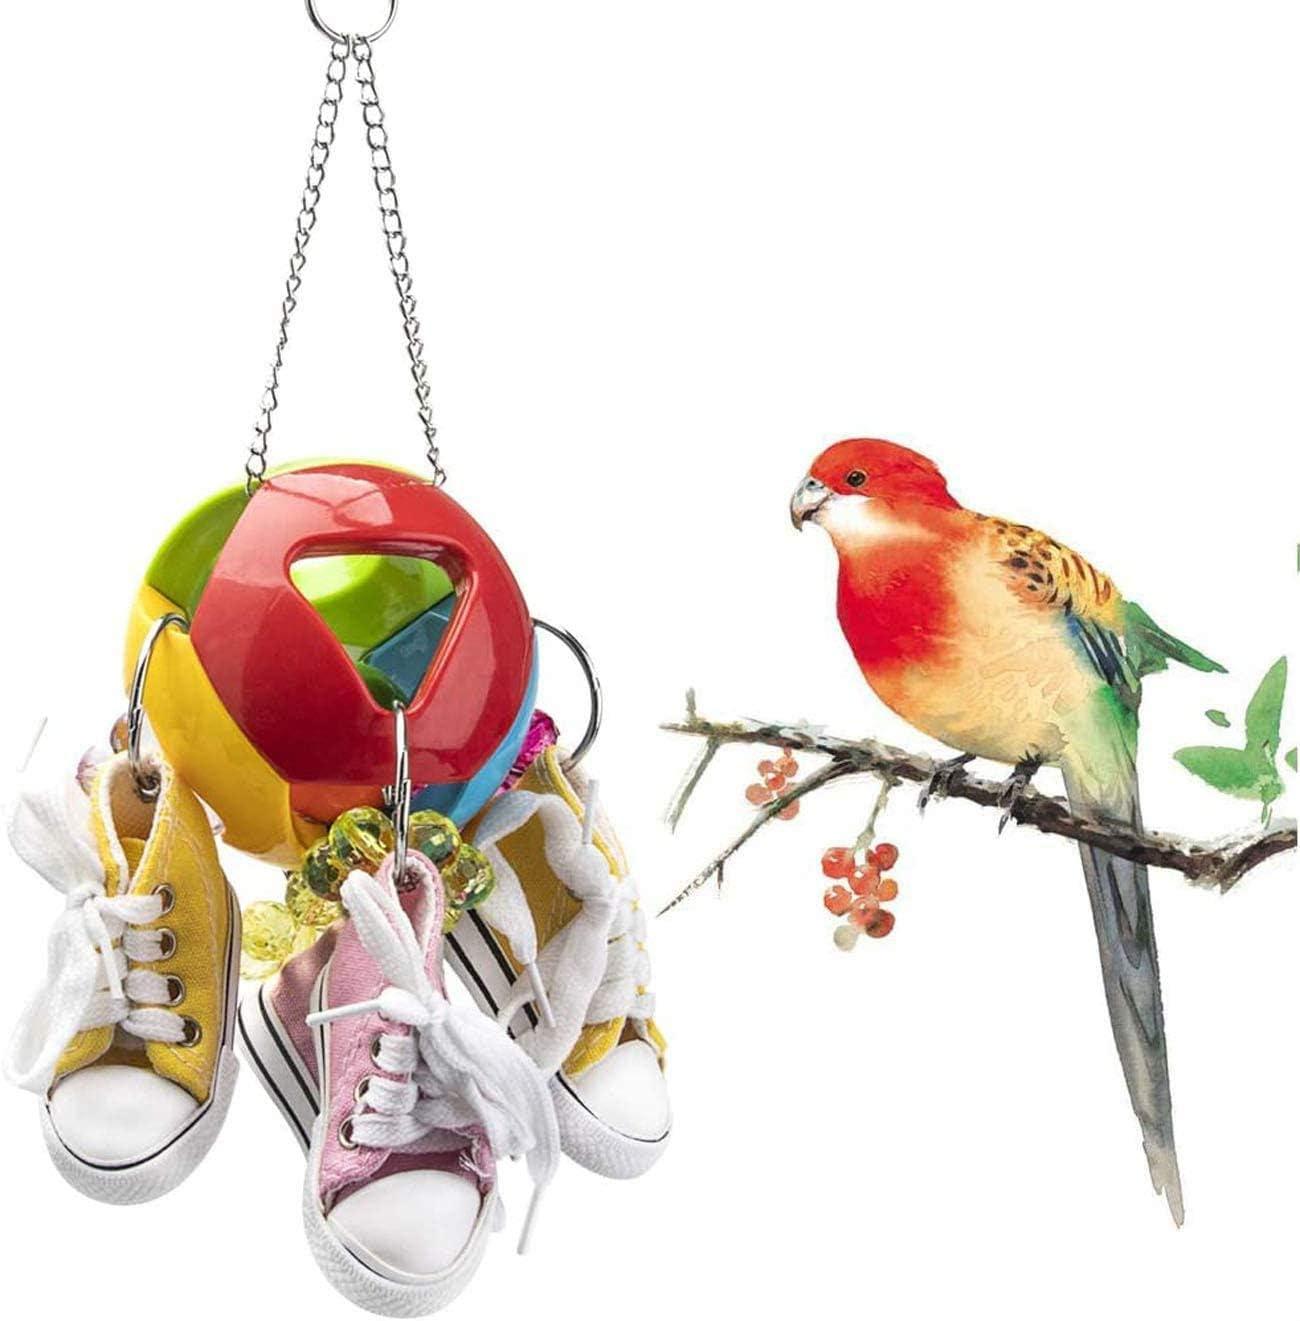 Wonninek Juguete de masticación de pájaros Mini Zapatos de Lona, Juguete de Loro con Bola de Agujero, Loro de pájaro, Jaula para Mascotas de Pesca, pinzón